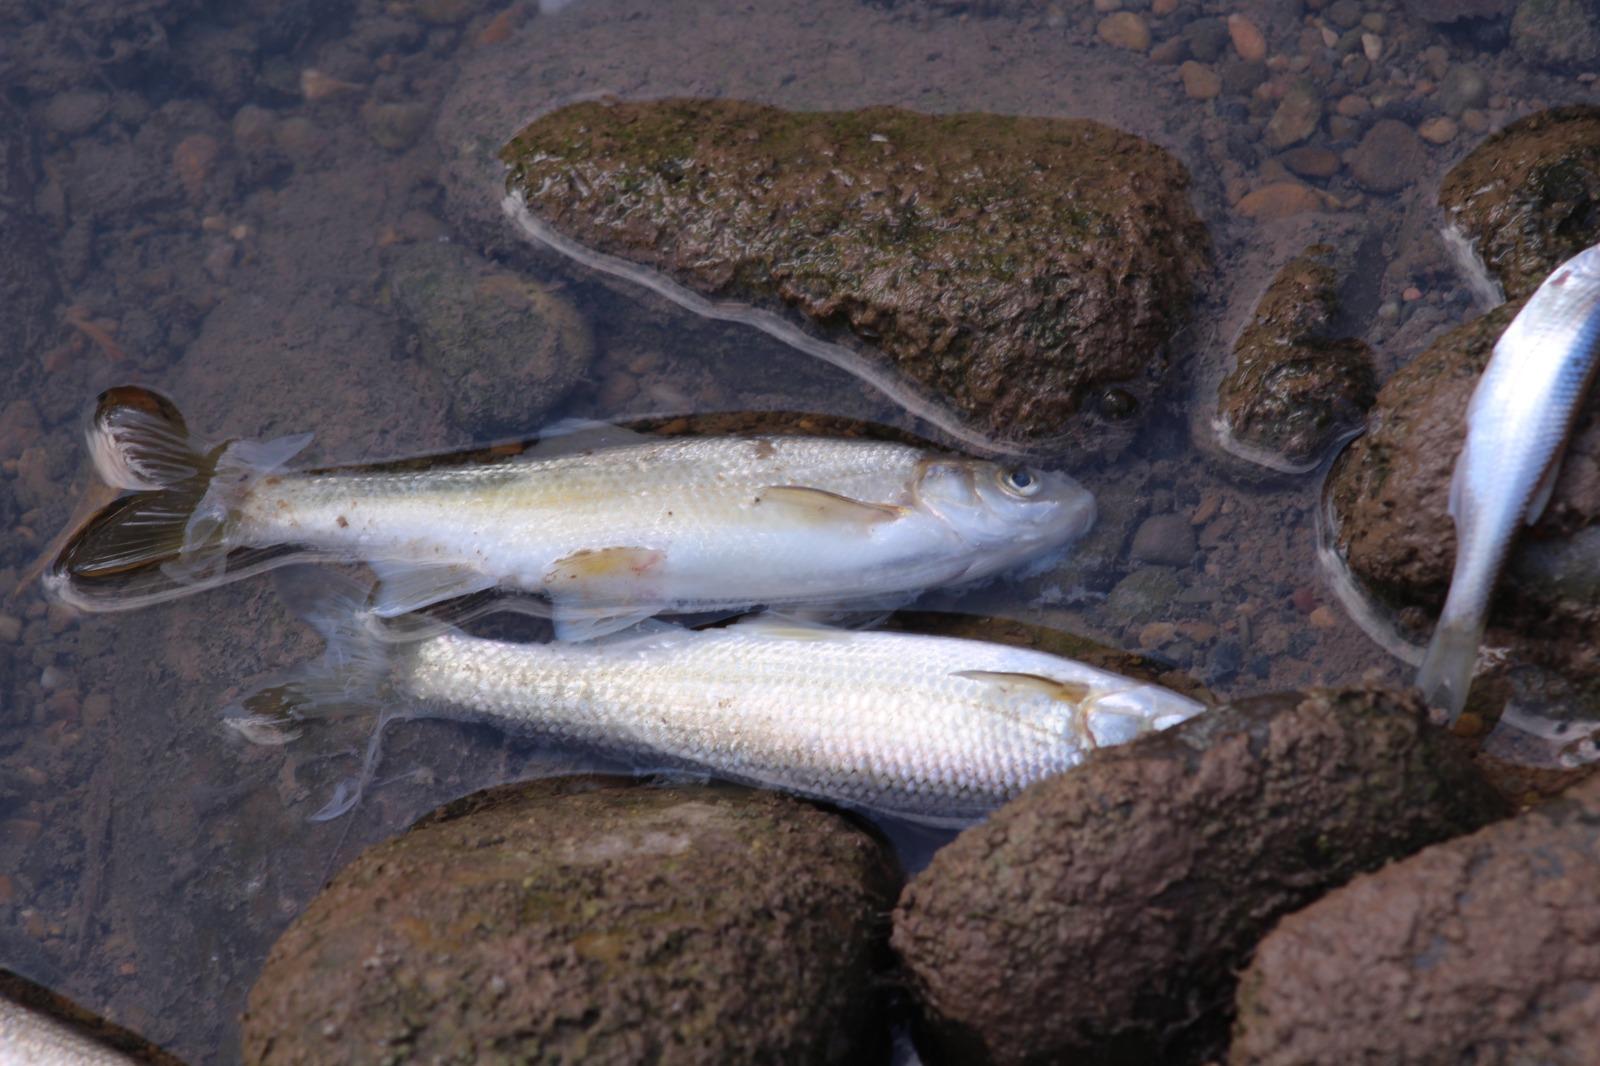 Peces muertos en el Alhama